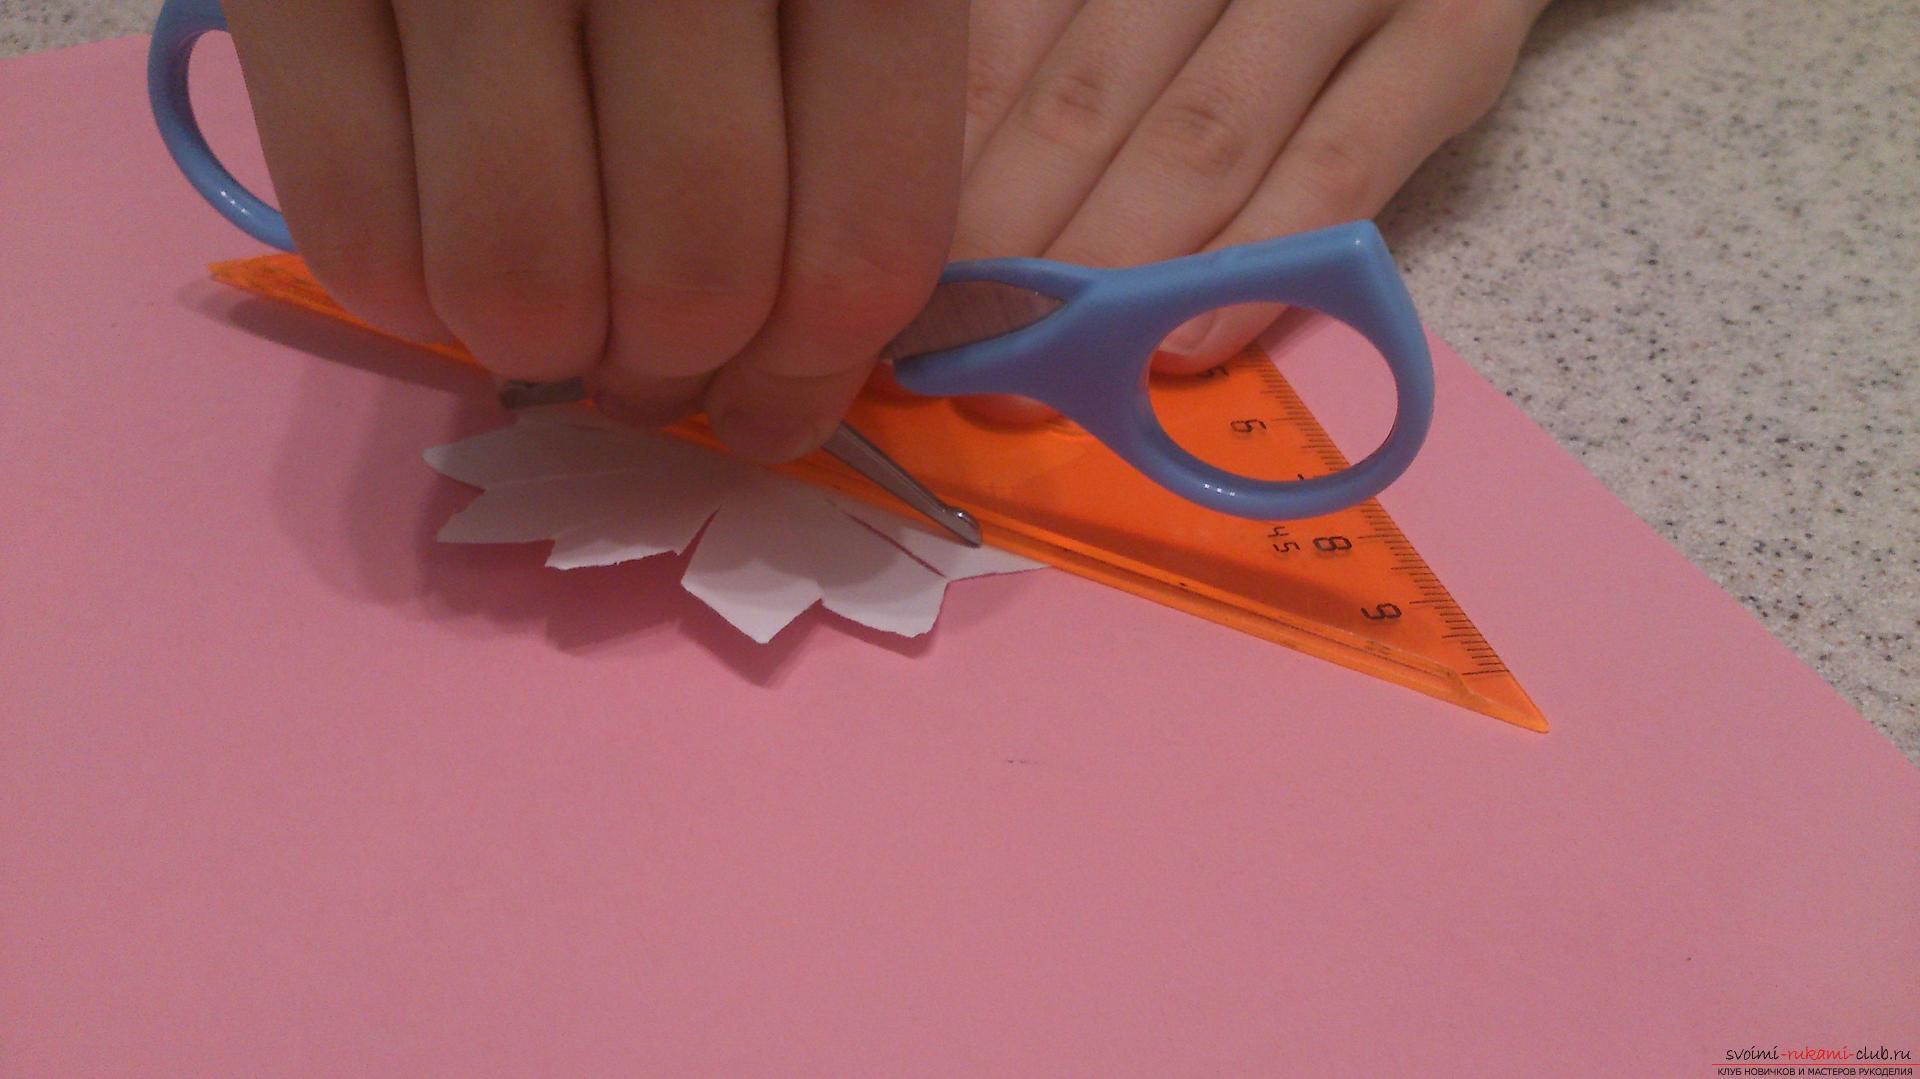 Поделки в технике бумагопластики очень разнообразны, предлагаем сделать картину из цветов, а цветы из бумаги изготовим своими руками.. Фото №5